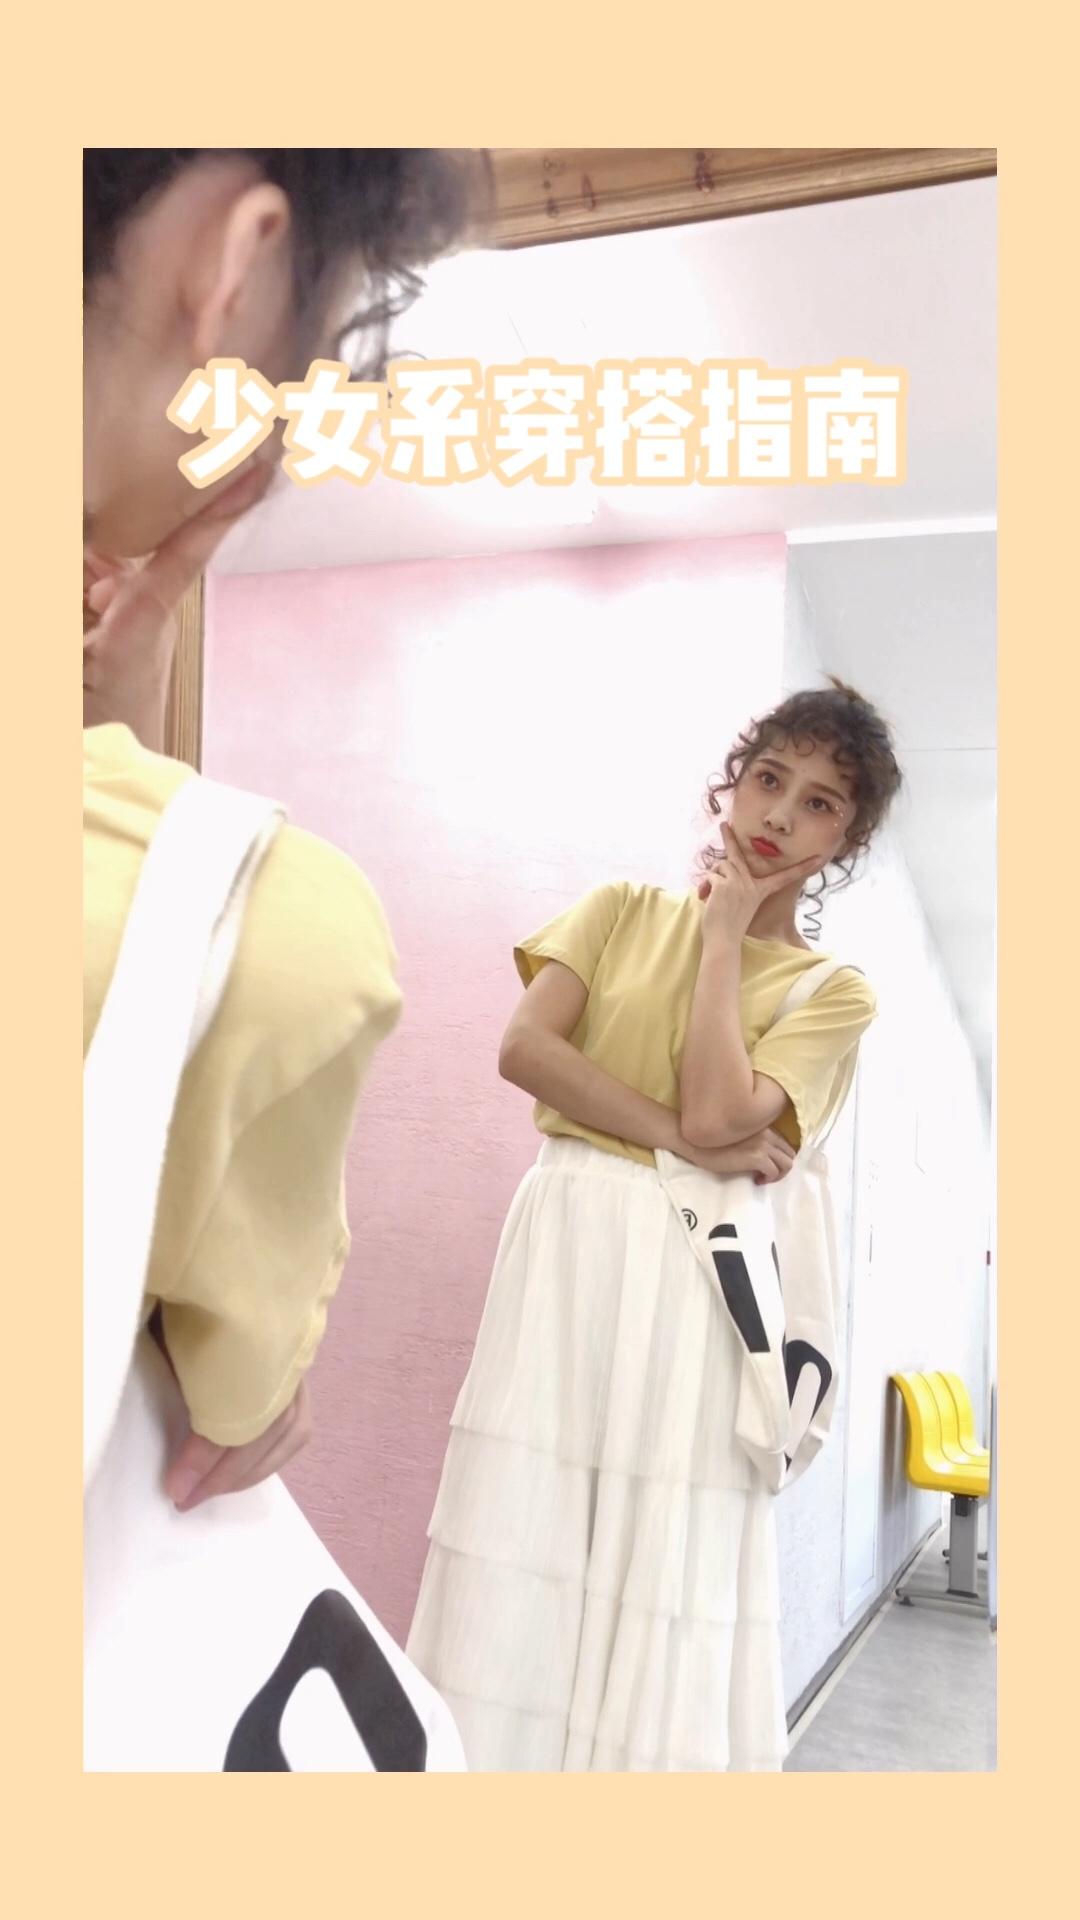 #防晒王!这条空气裤太好穿了# 🍋柠檬色少女系穿搭了解下 基础款的夏天T恤 怎么能少了柠檬黄色 仙气的半身长裙 摆脱单调